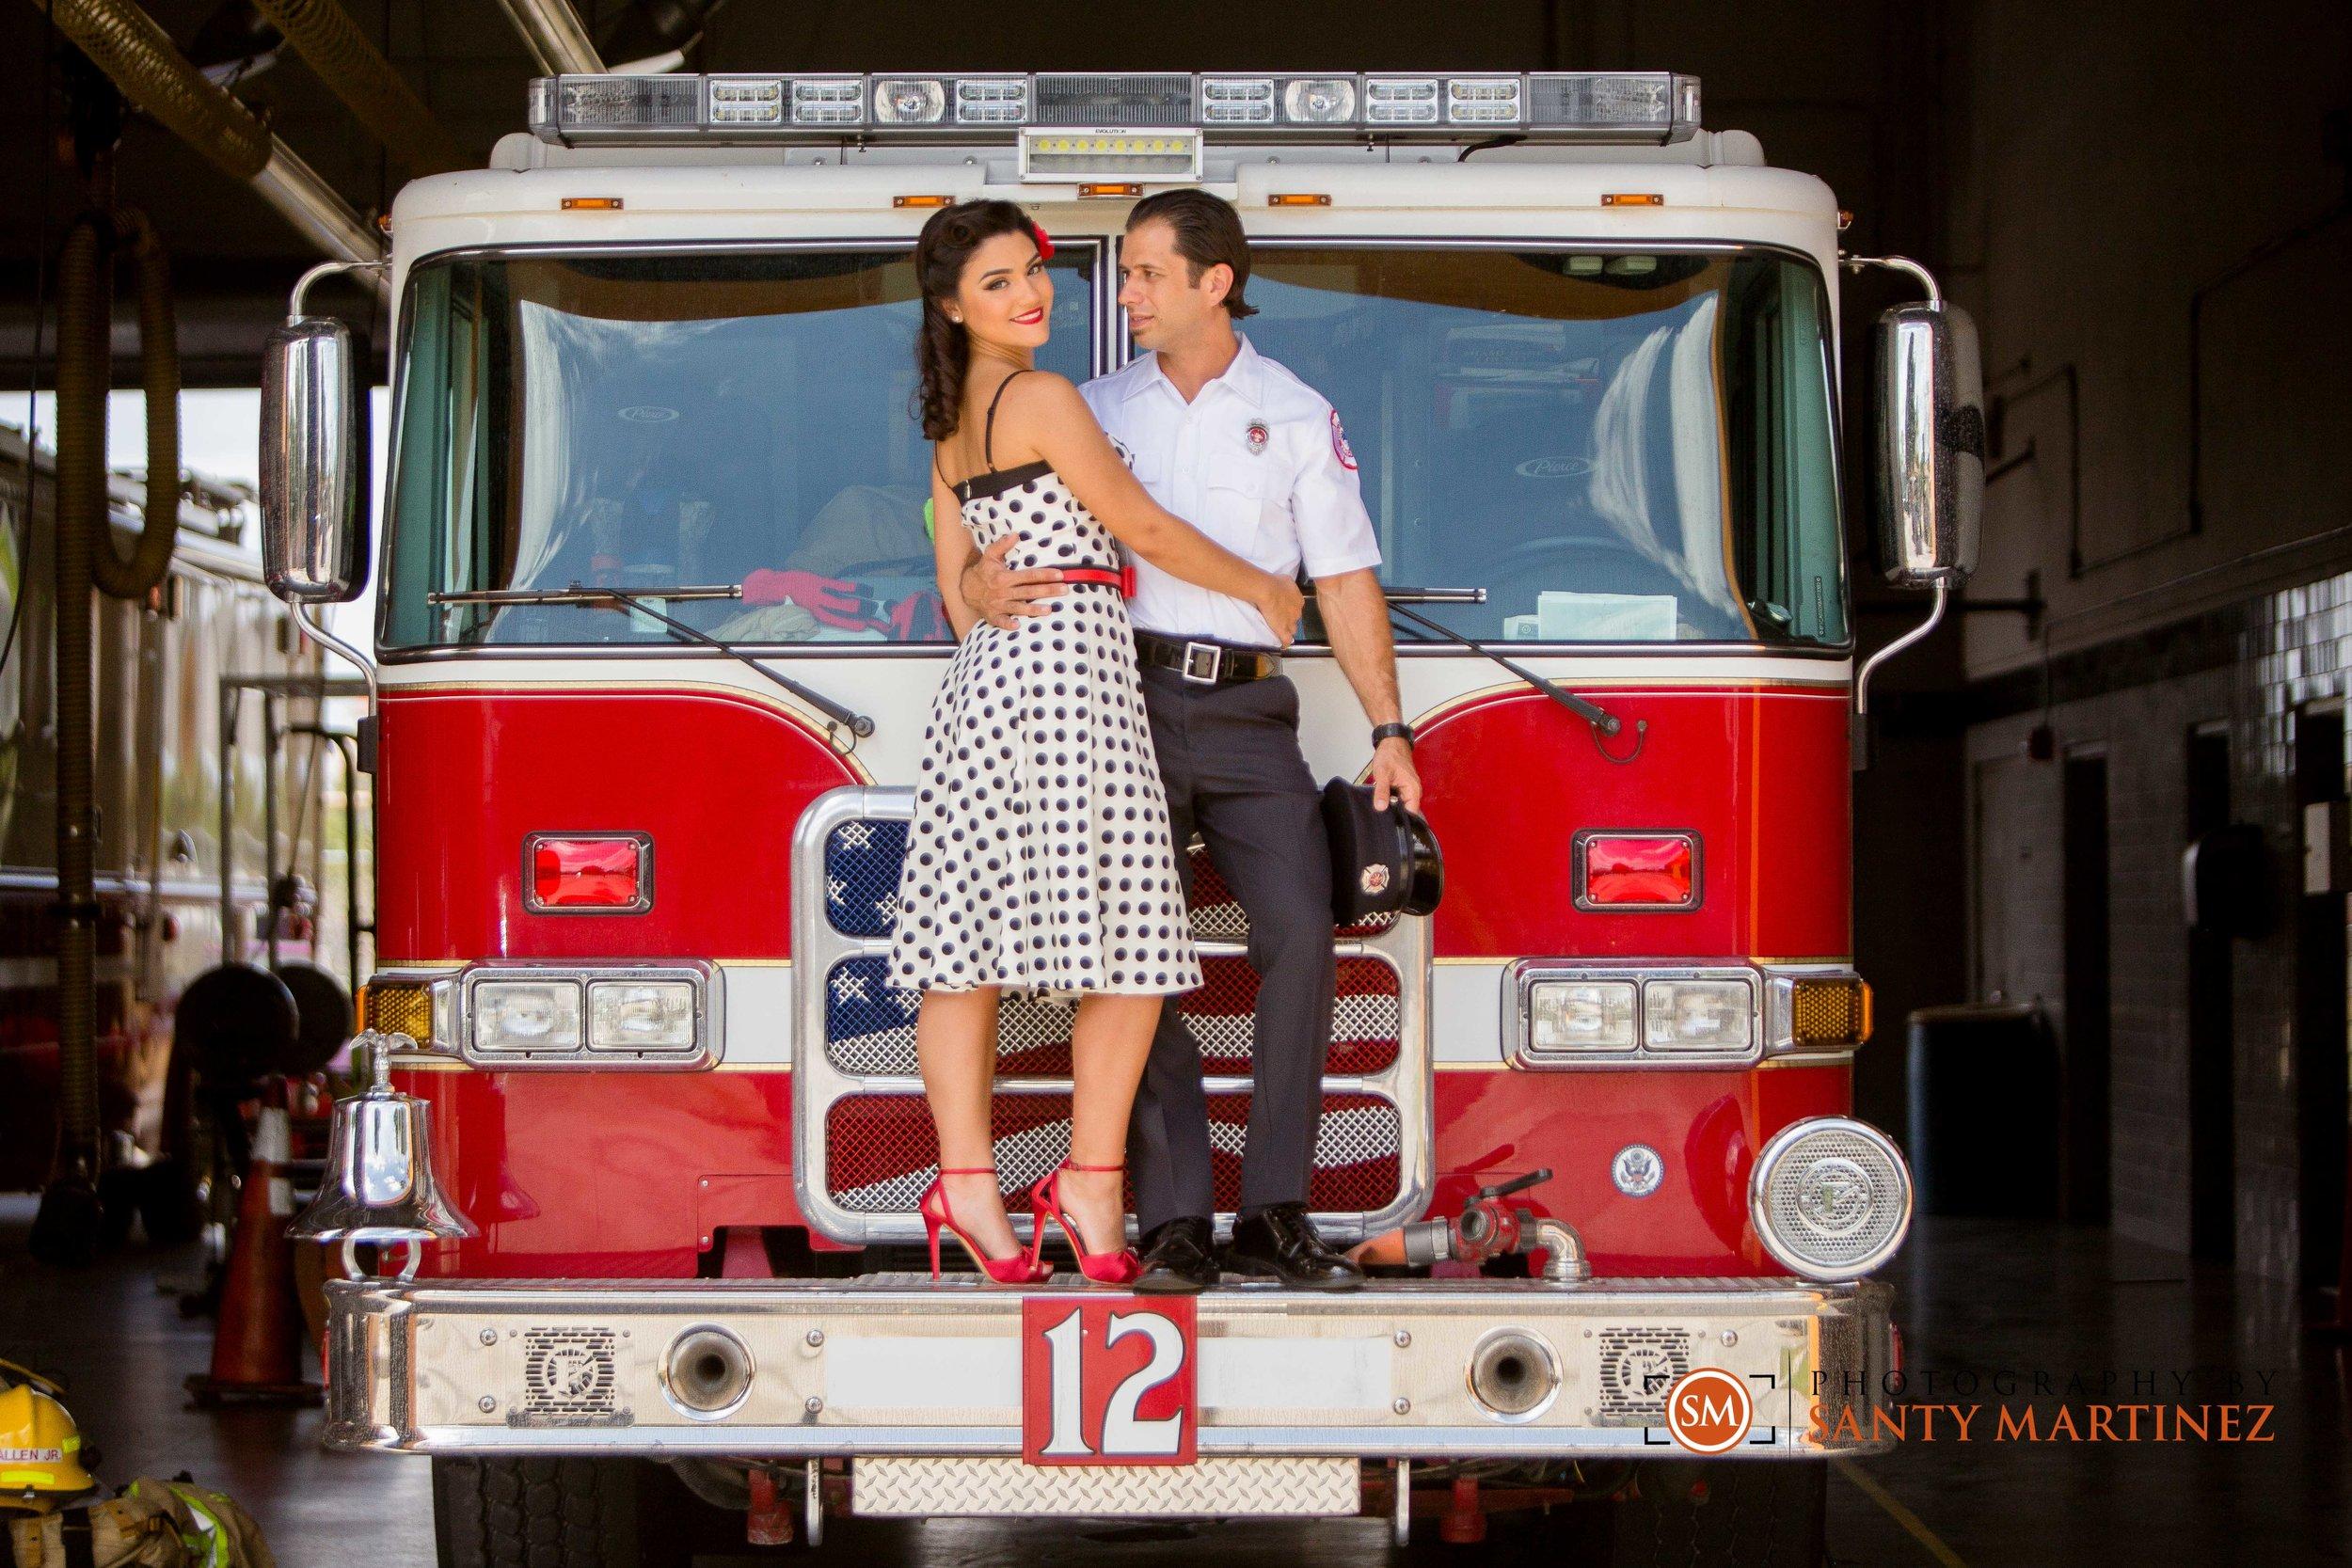 santy-martinez-firefighter-engagement-session-6.jpg